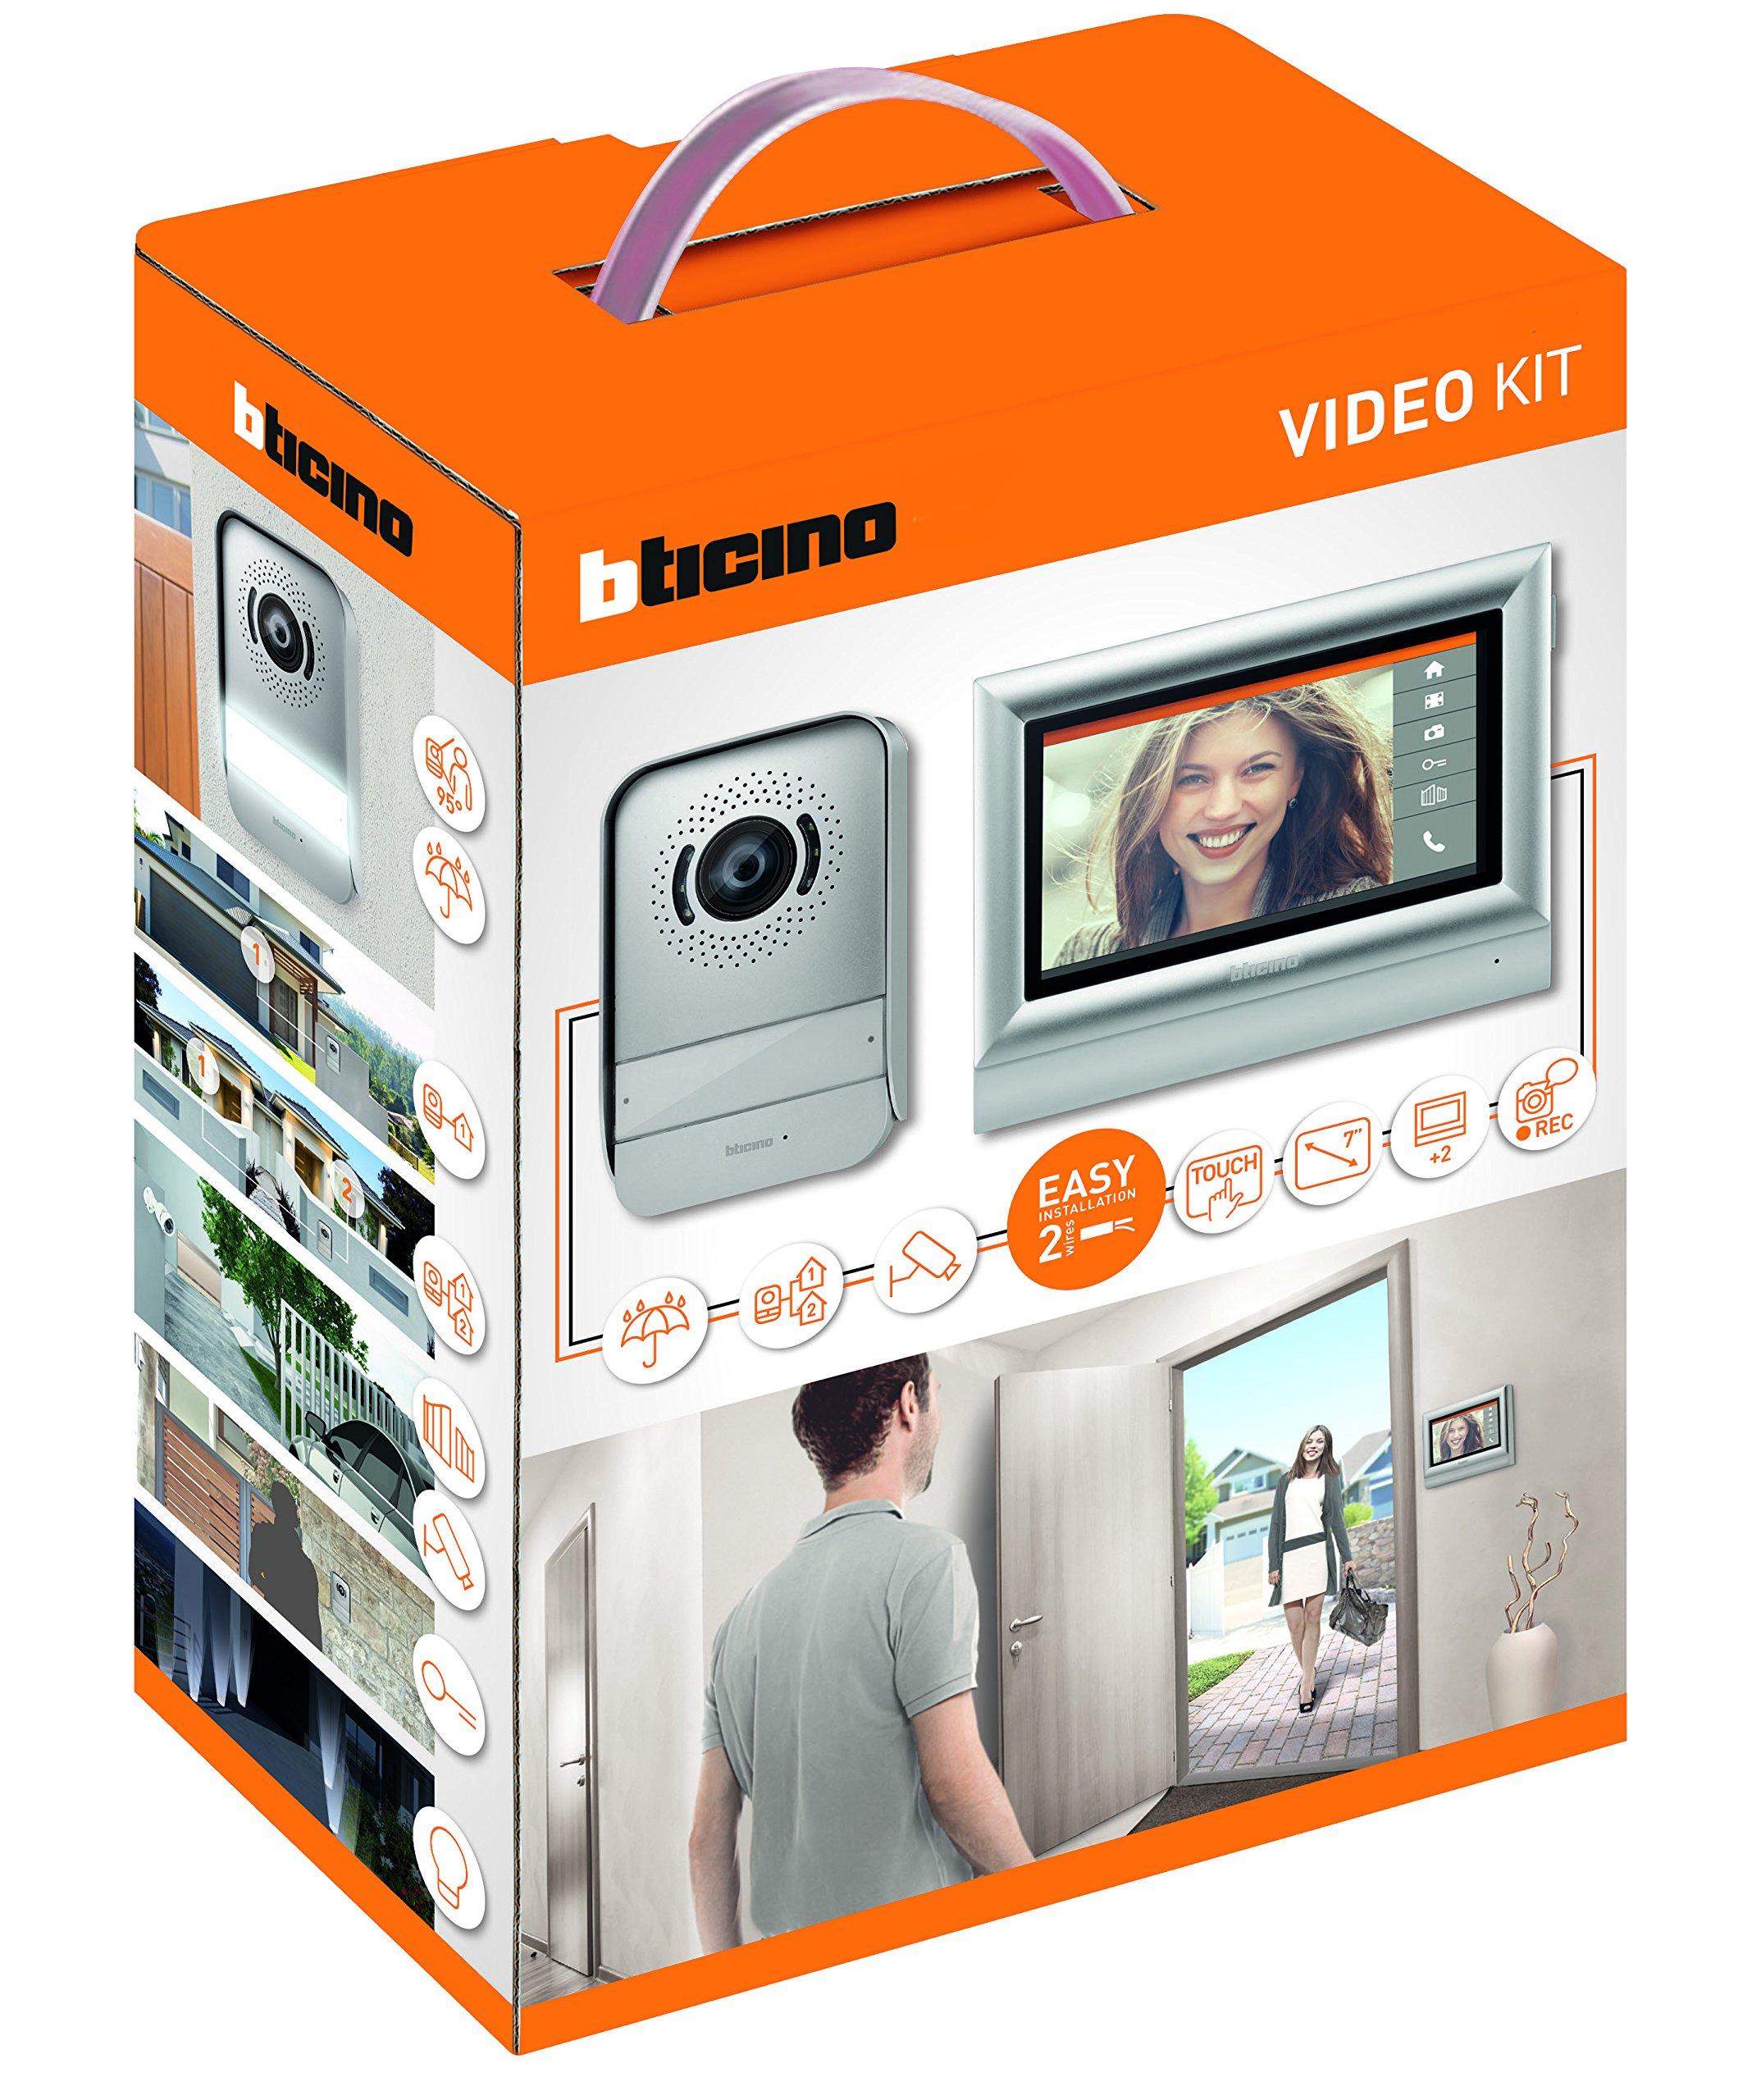 BTicino 317113 Kit Videocitofono con 2 Fili Touchscreen 7 Mono/Bifamigliare, Grigio